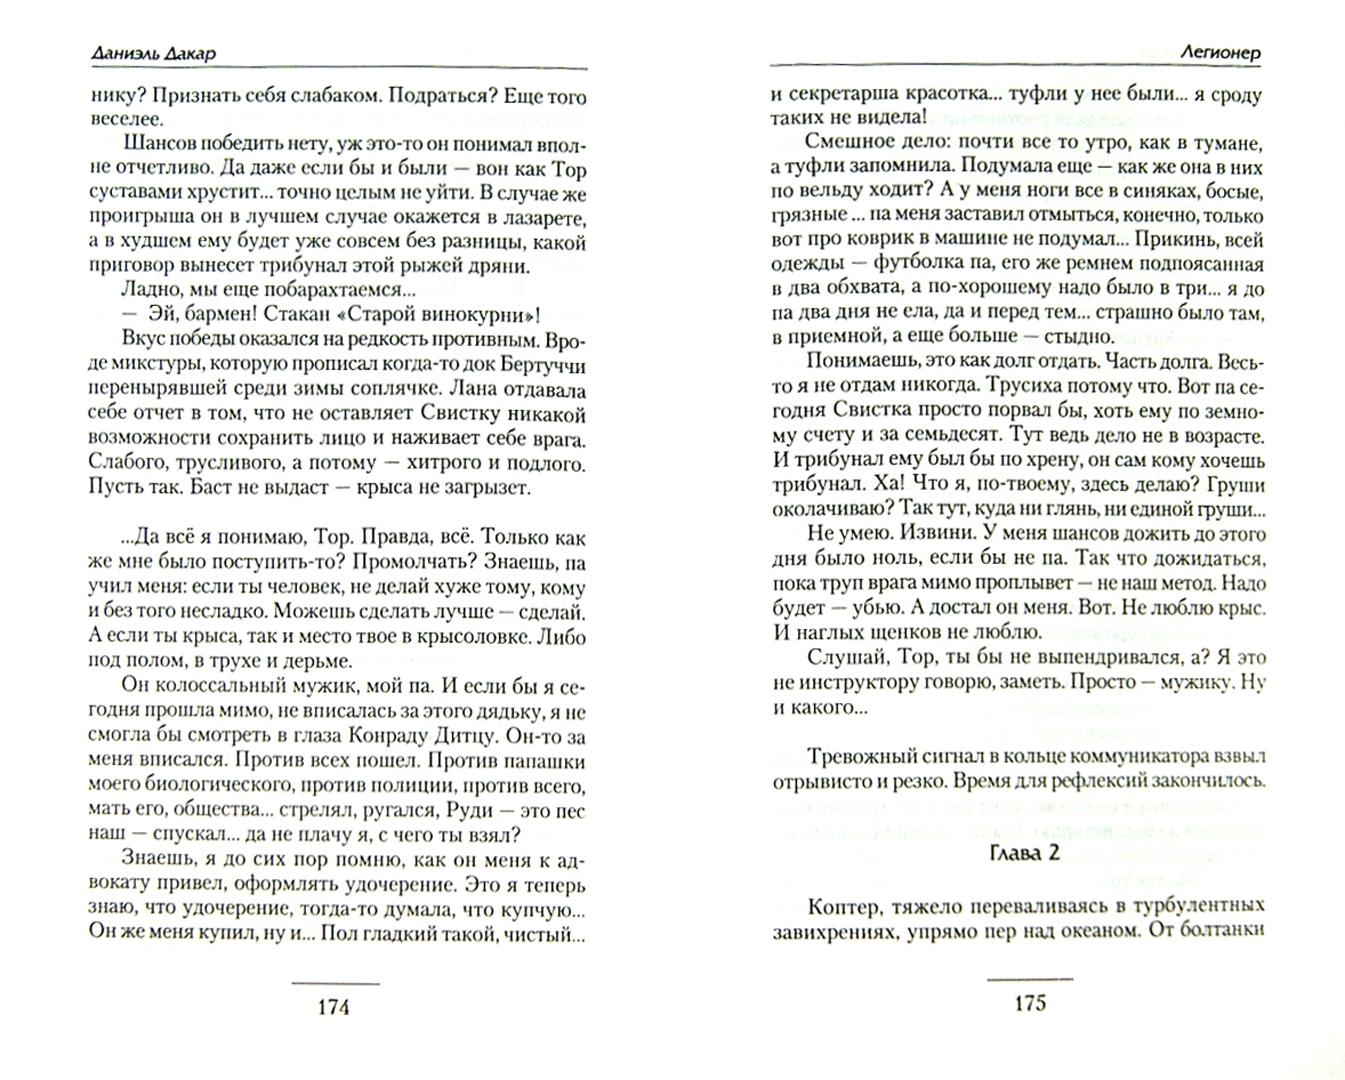 Иллюстрация 1 из 5 для Легионер - Даниэль Дакар | Лабиринт - книги. Источник: Лабиринт